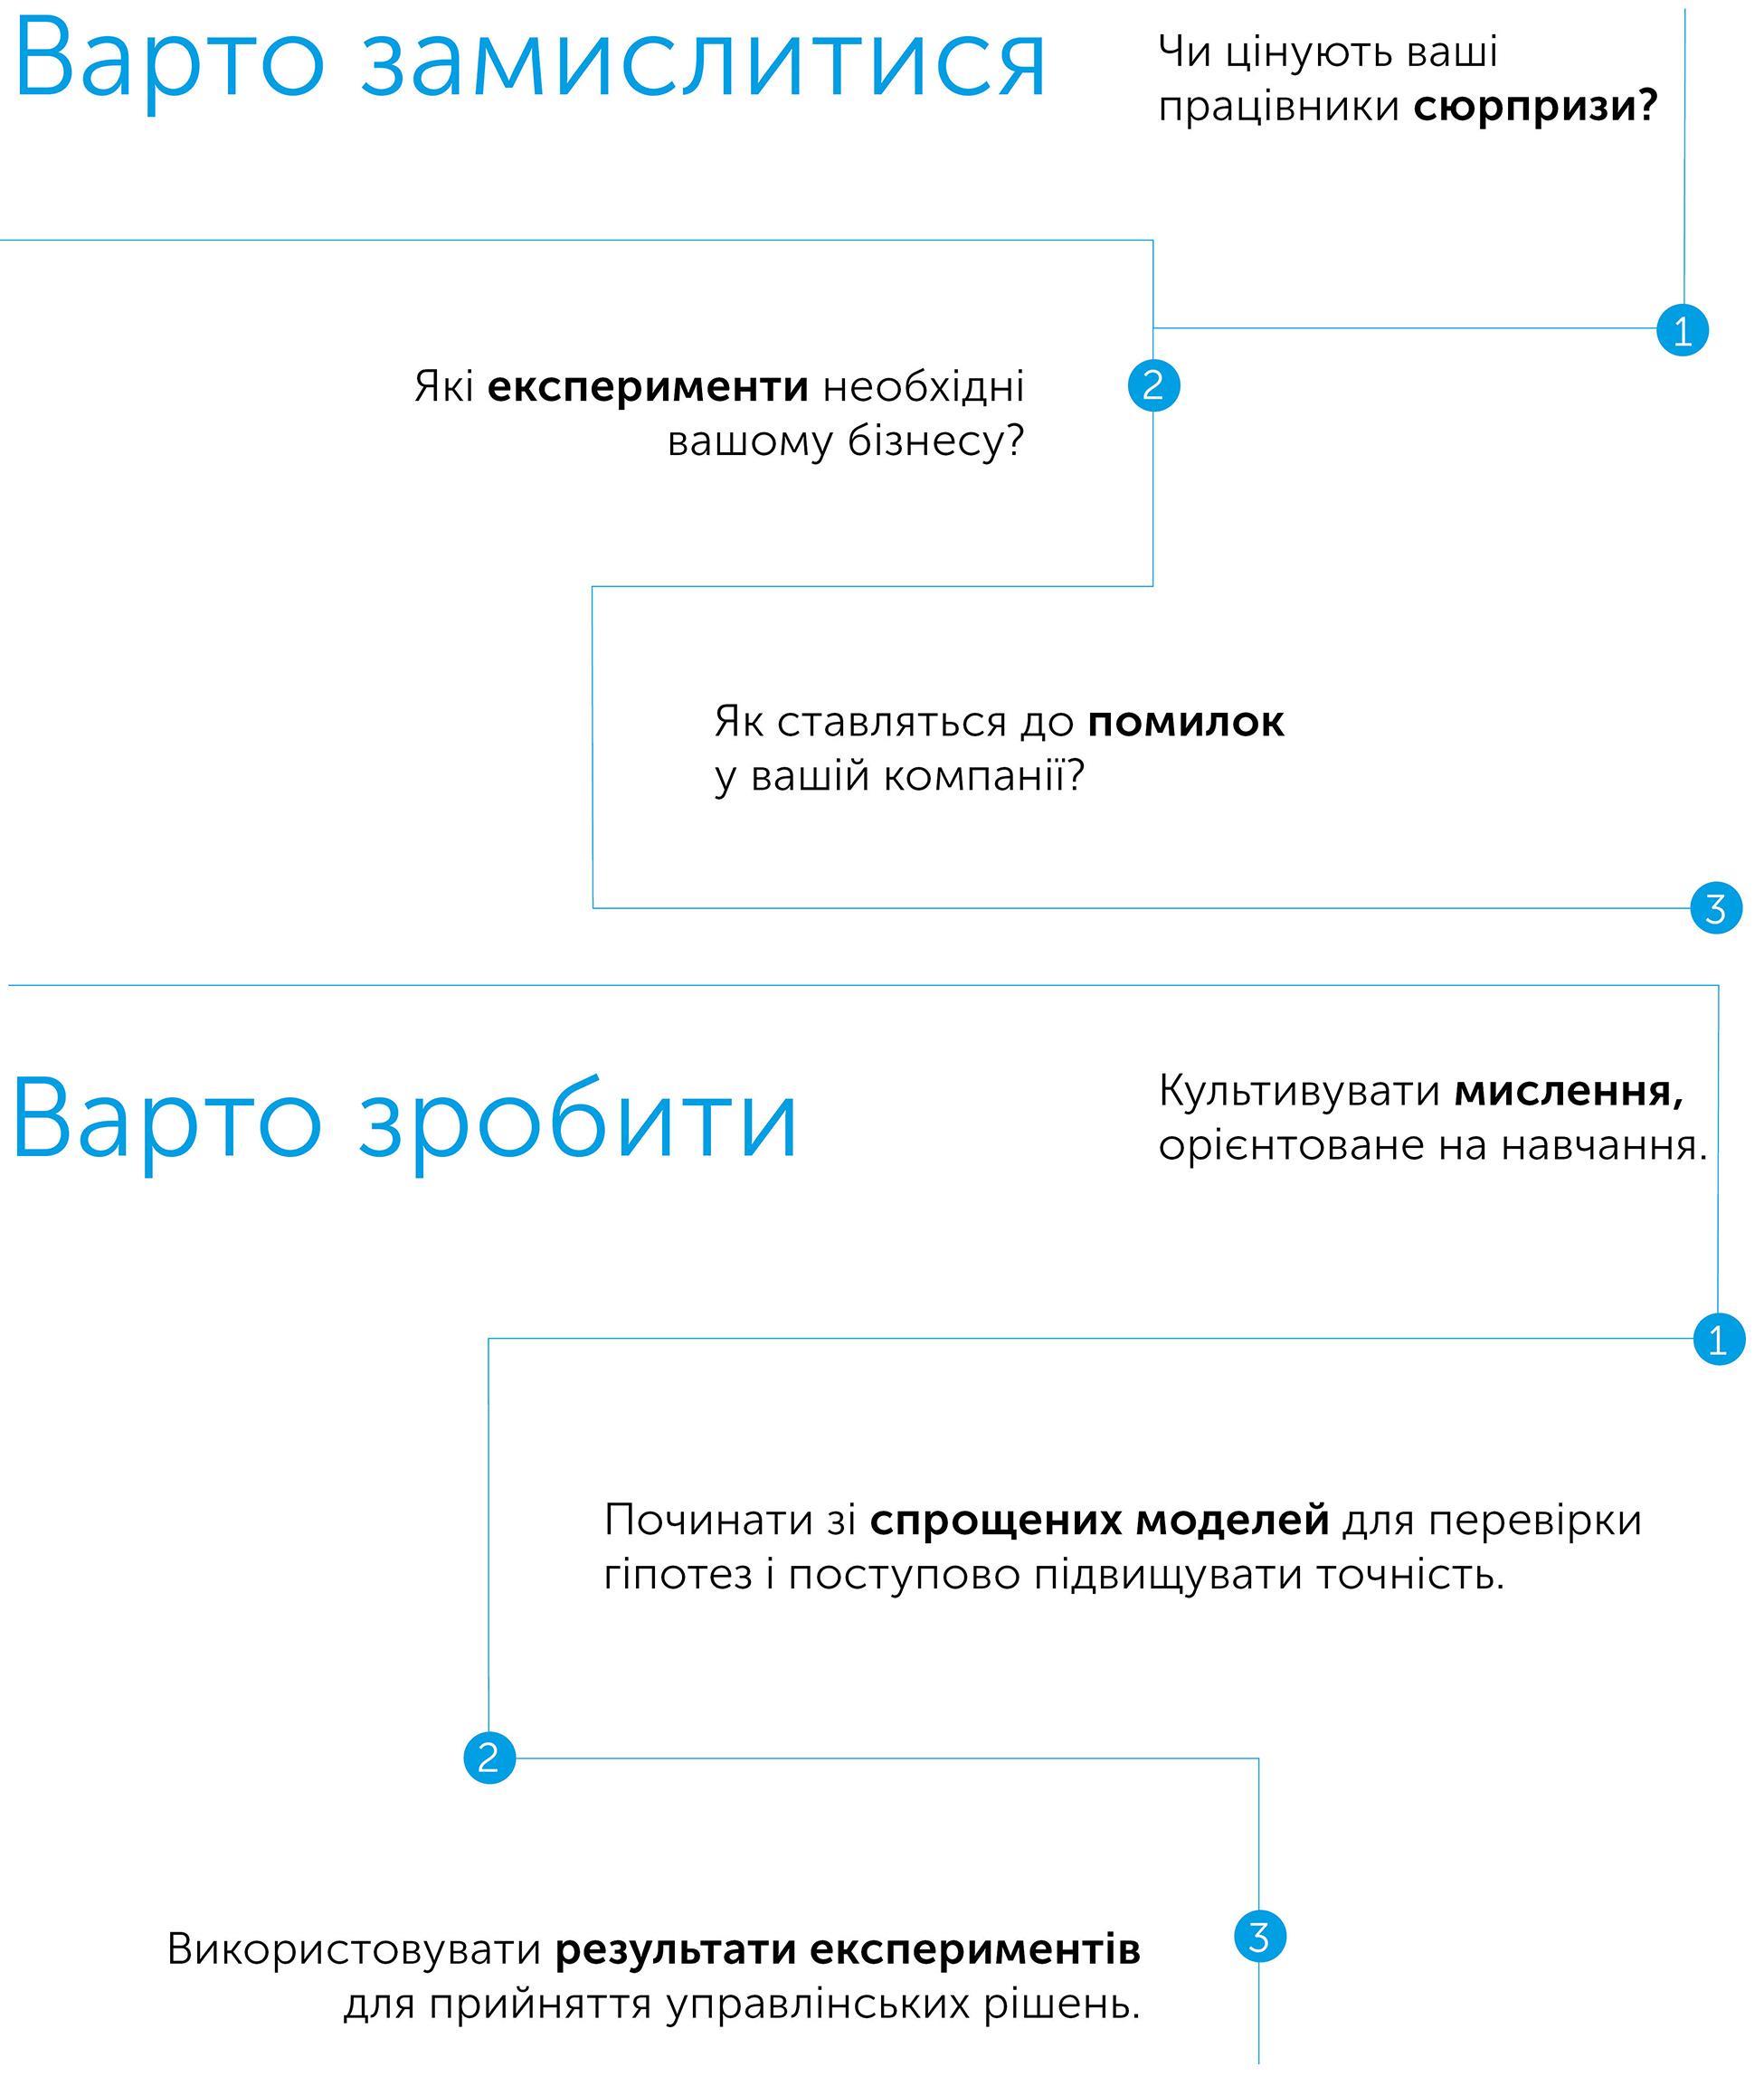 Експериментування працює. Дивовижна сила бізнес-експериментів, автор Стефан Томке | Kyivstar Business Hub, зображення №4